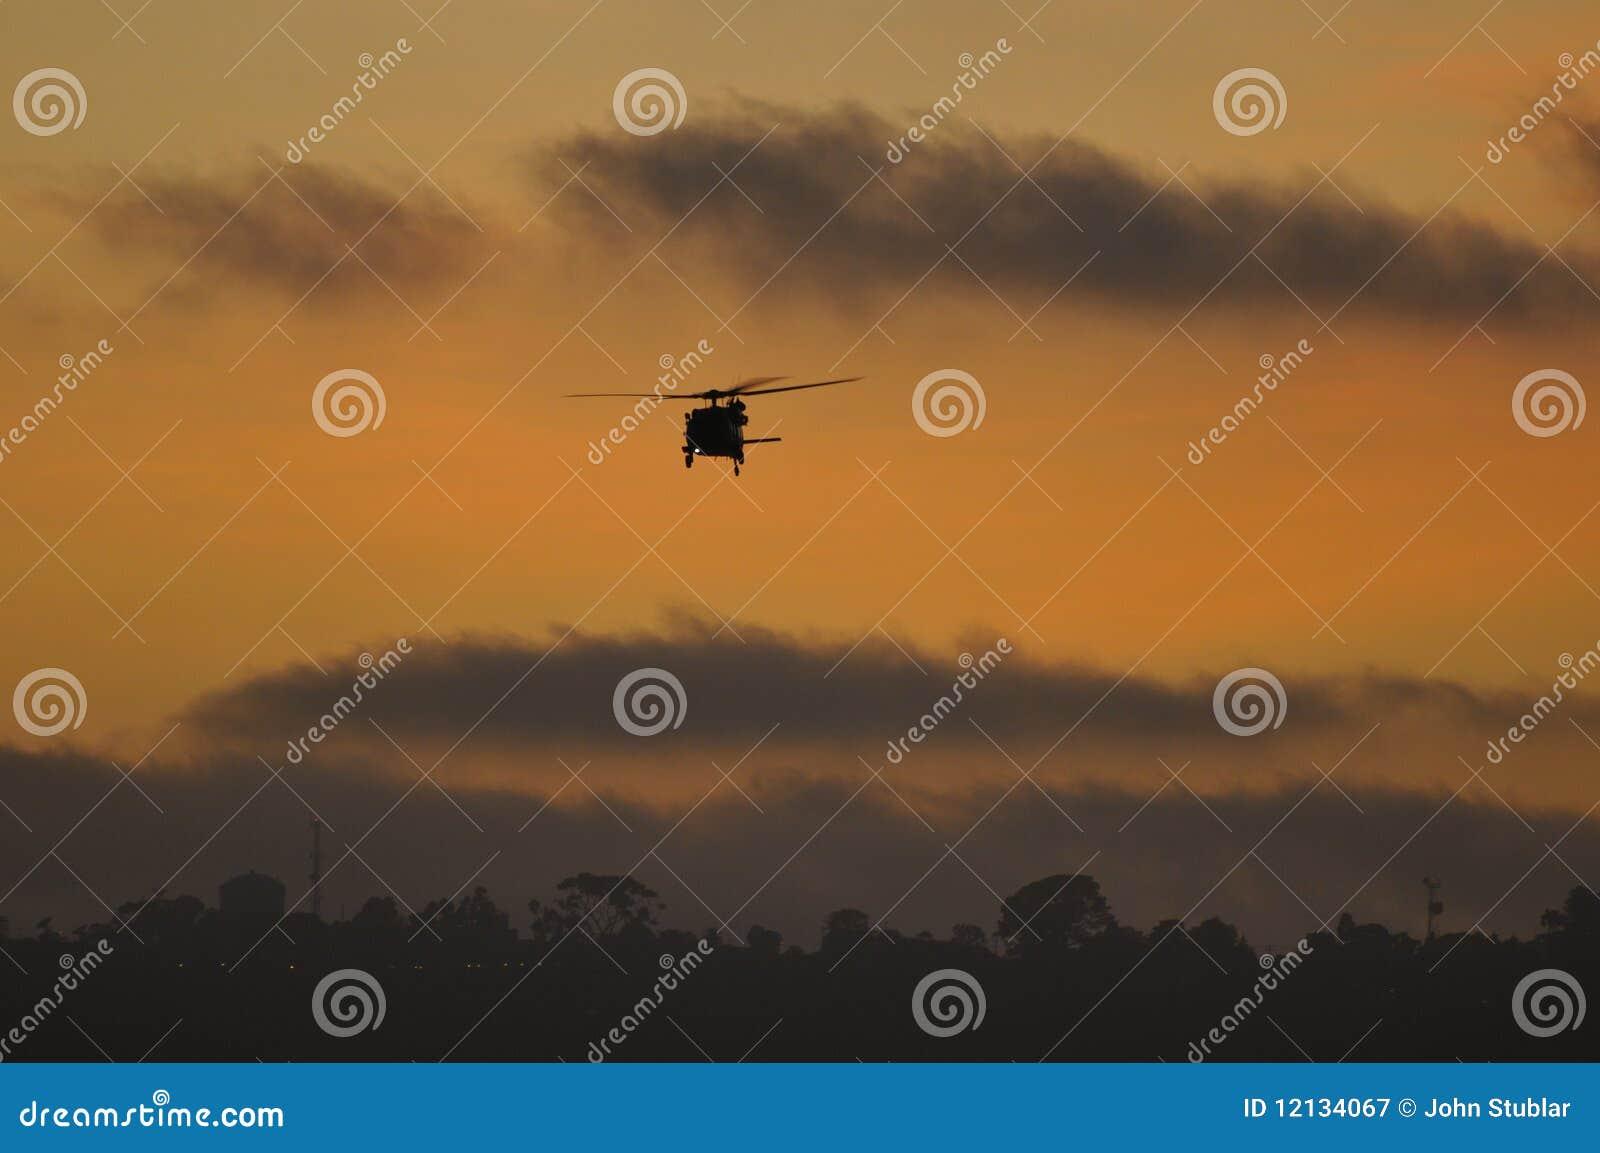 Elicottero Arancione : Elicottero degli s u a blackhawk al tramonto fotografia